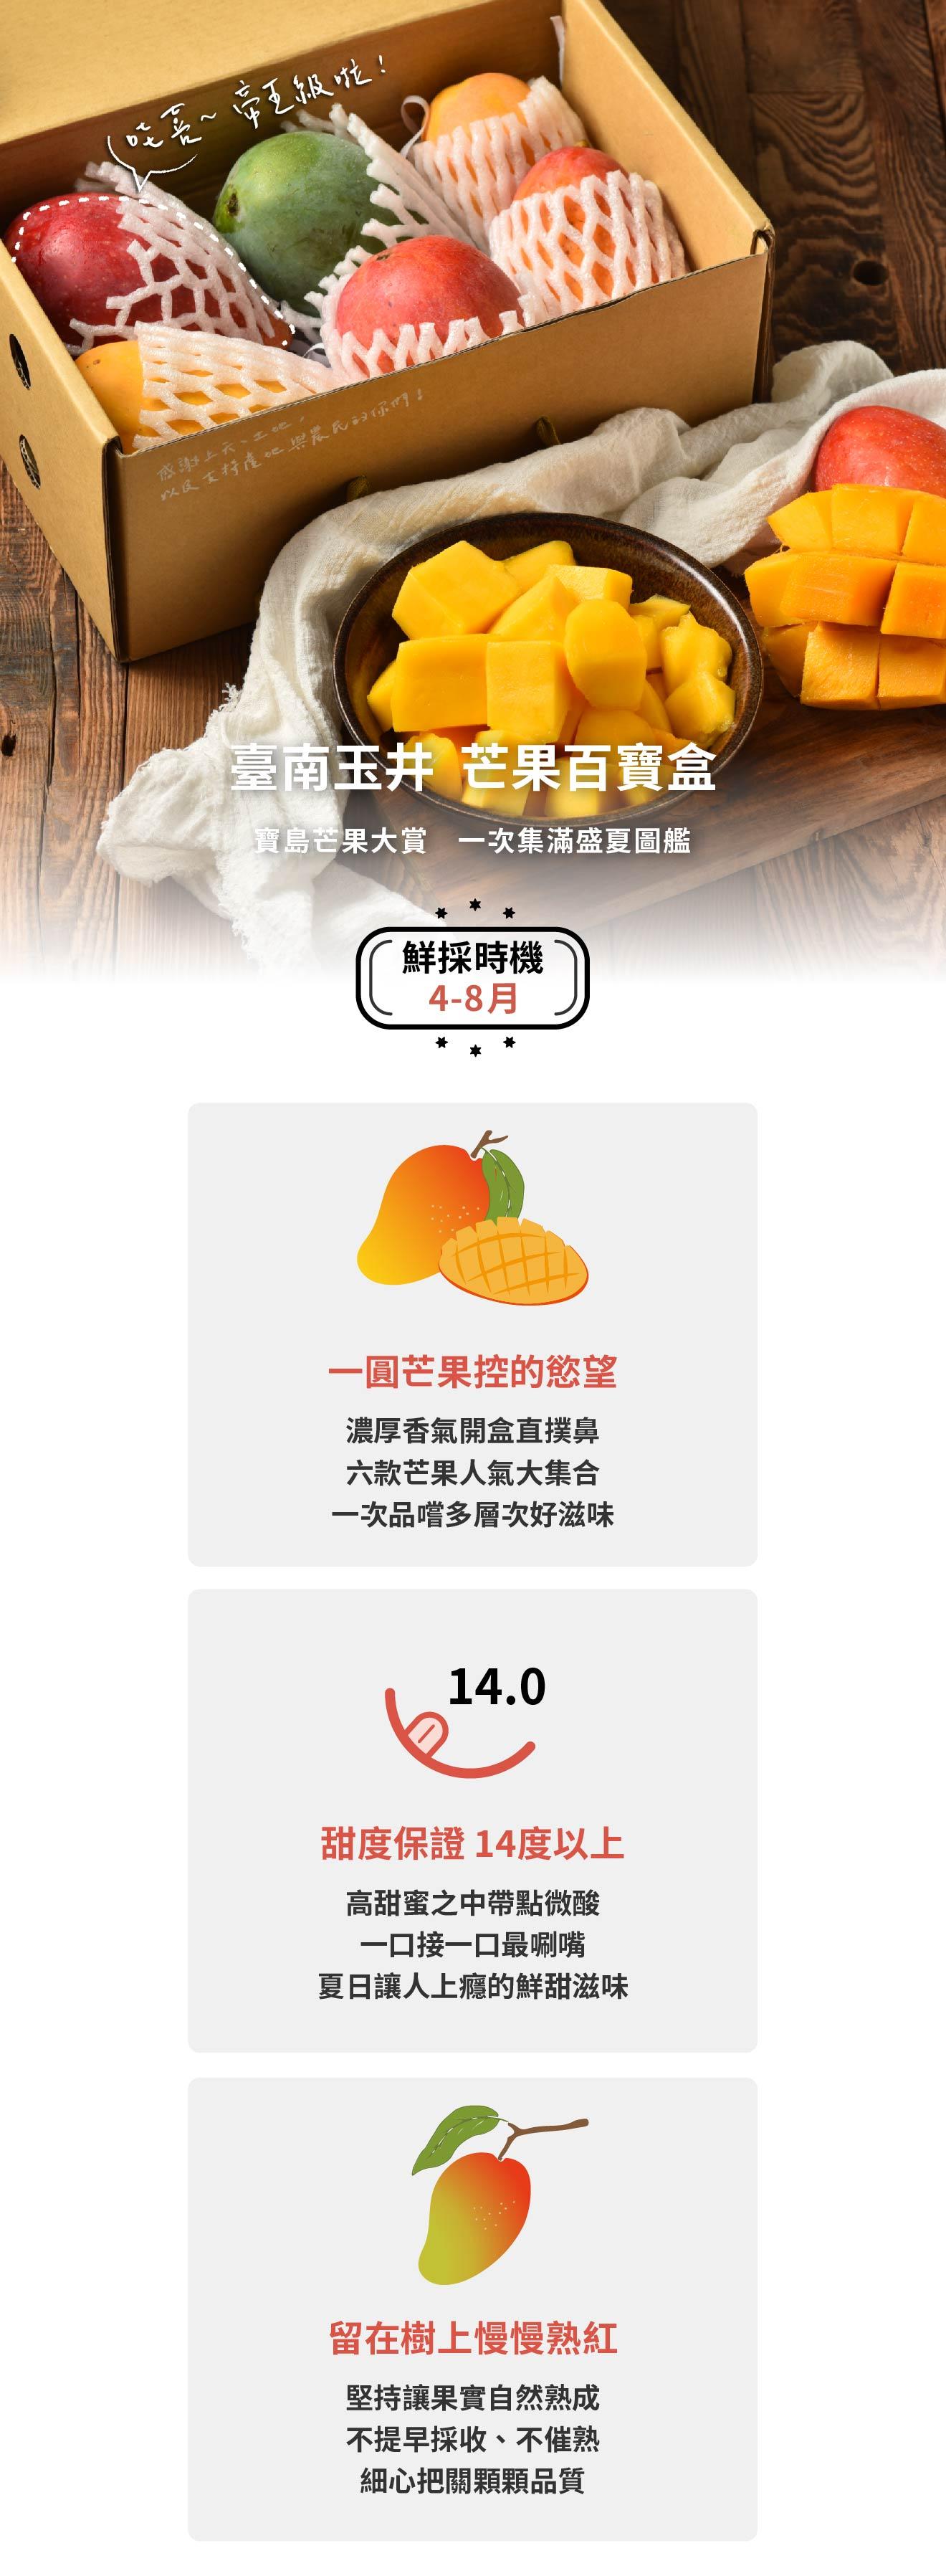 臺南玉井芒果珠寶盒